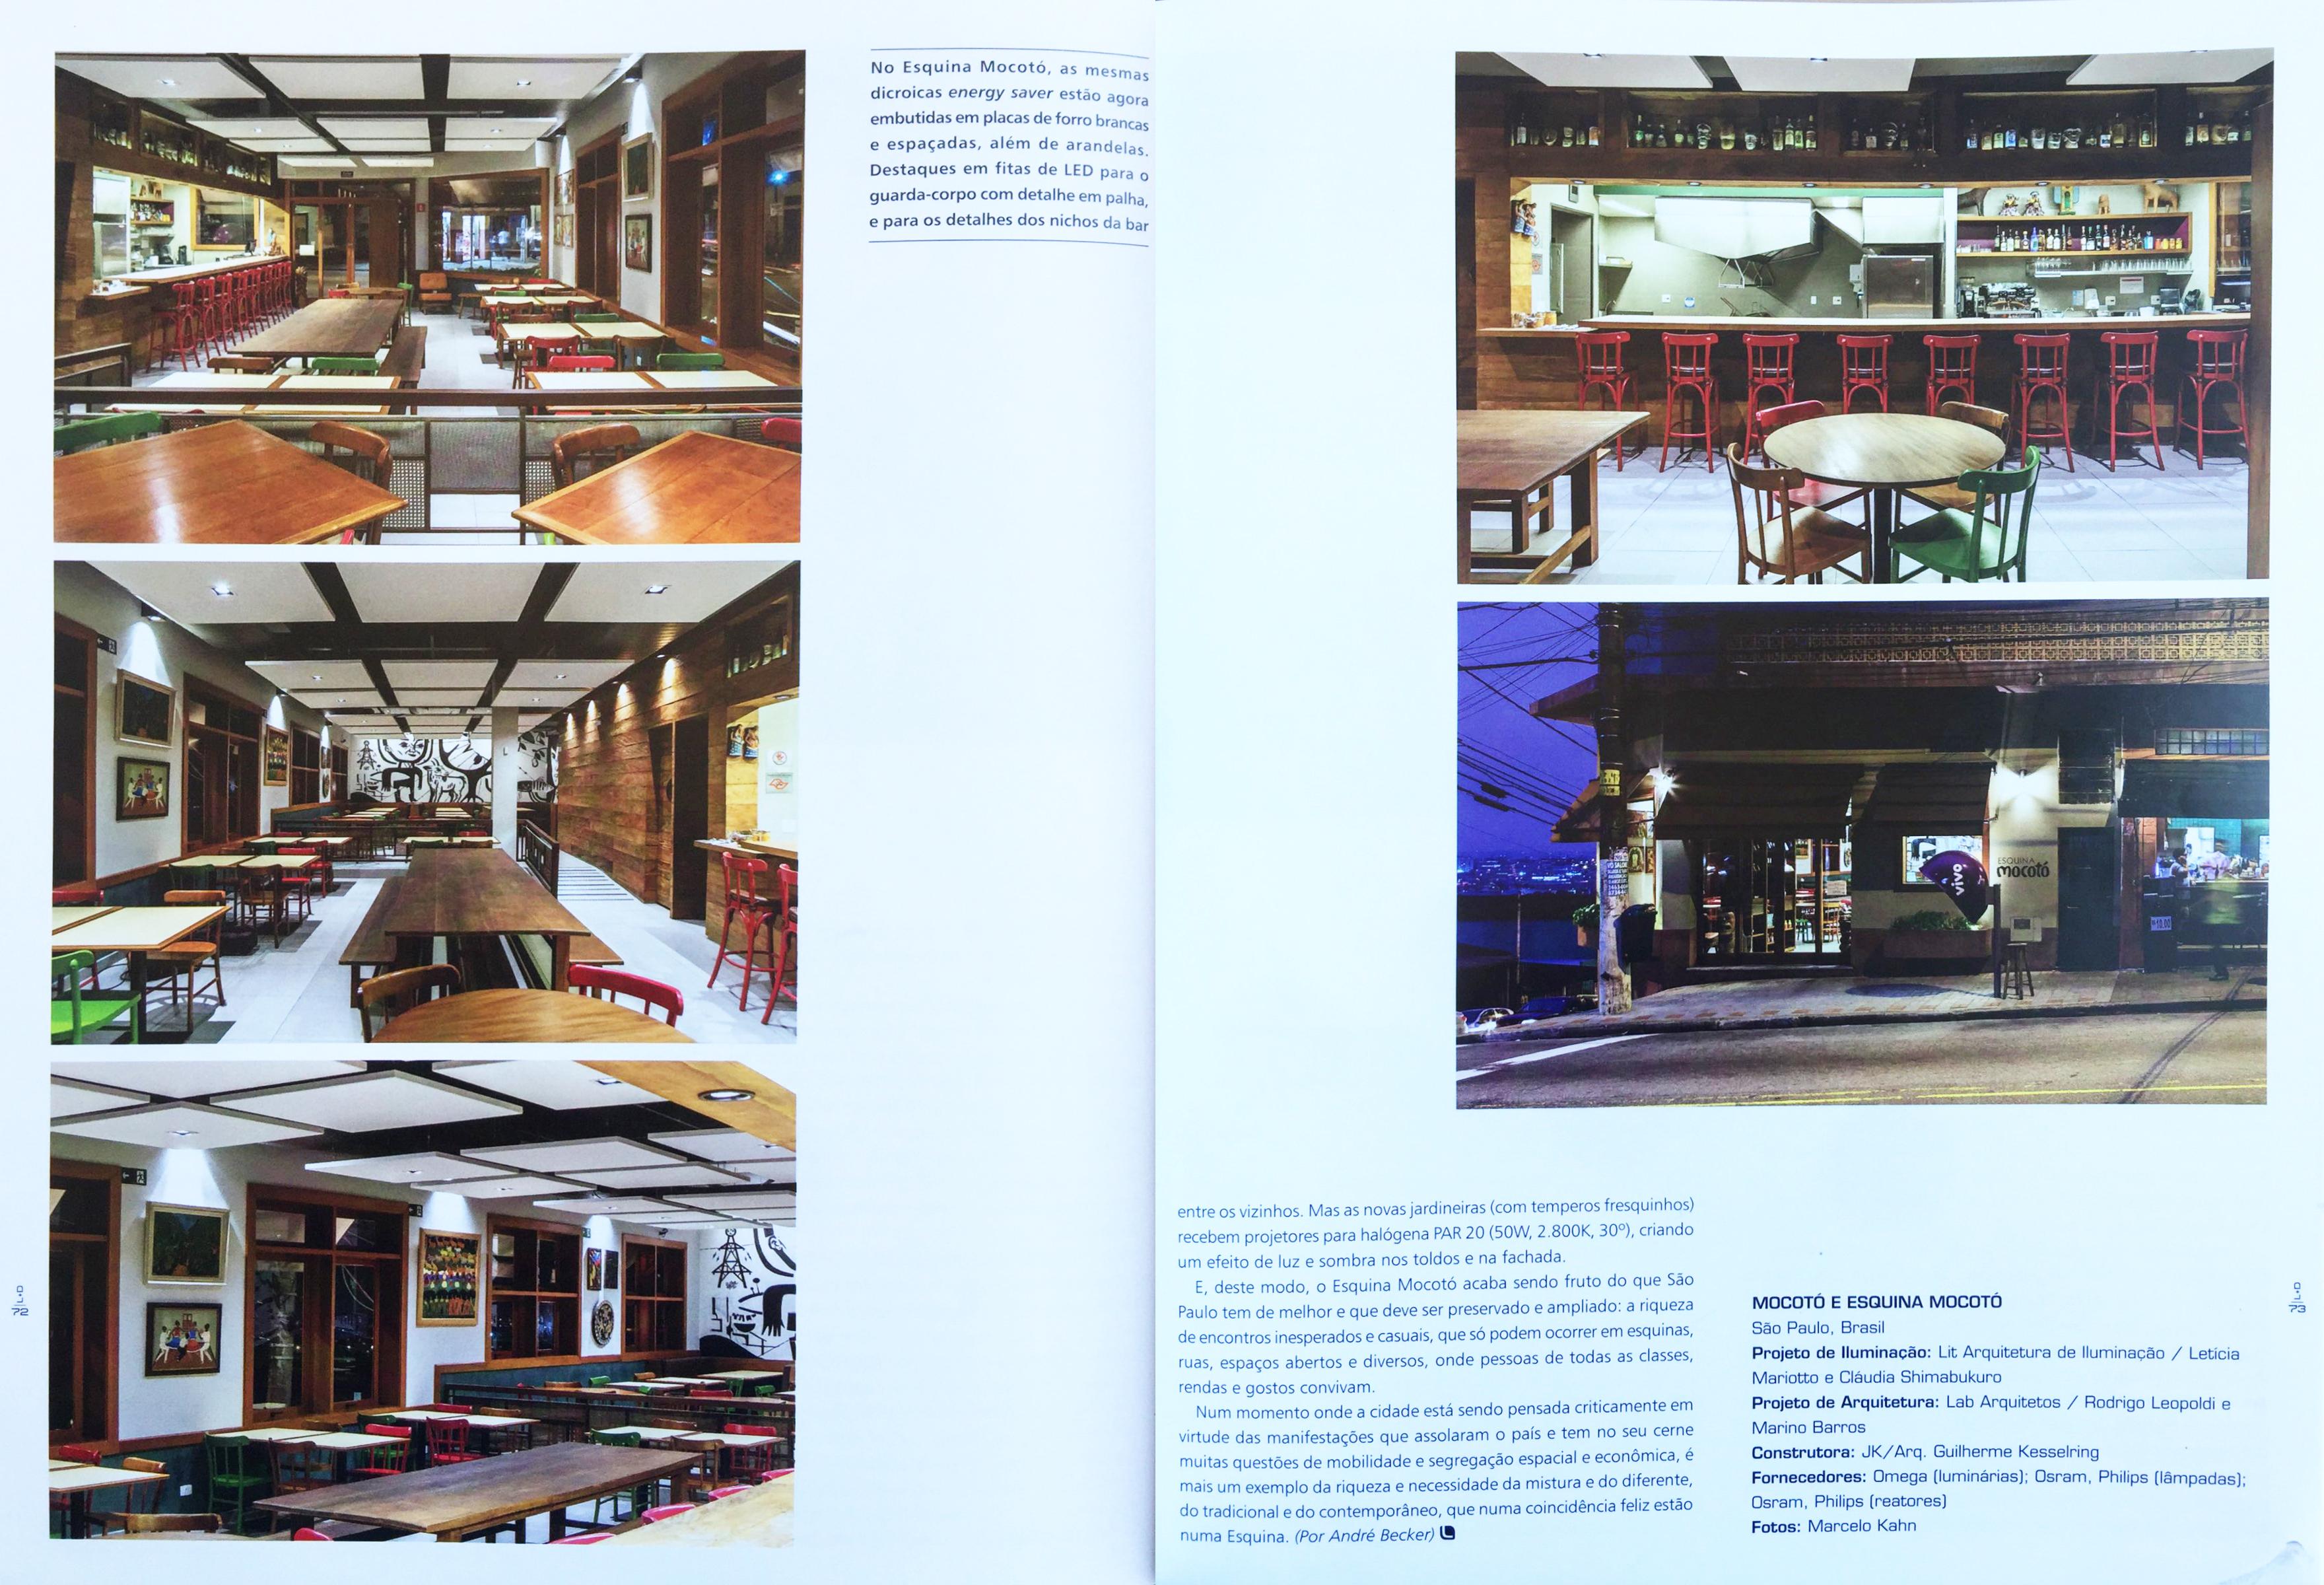 arquitetura-labarquitetos-residencial-publicacao-ld45-03